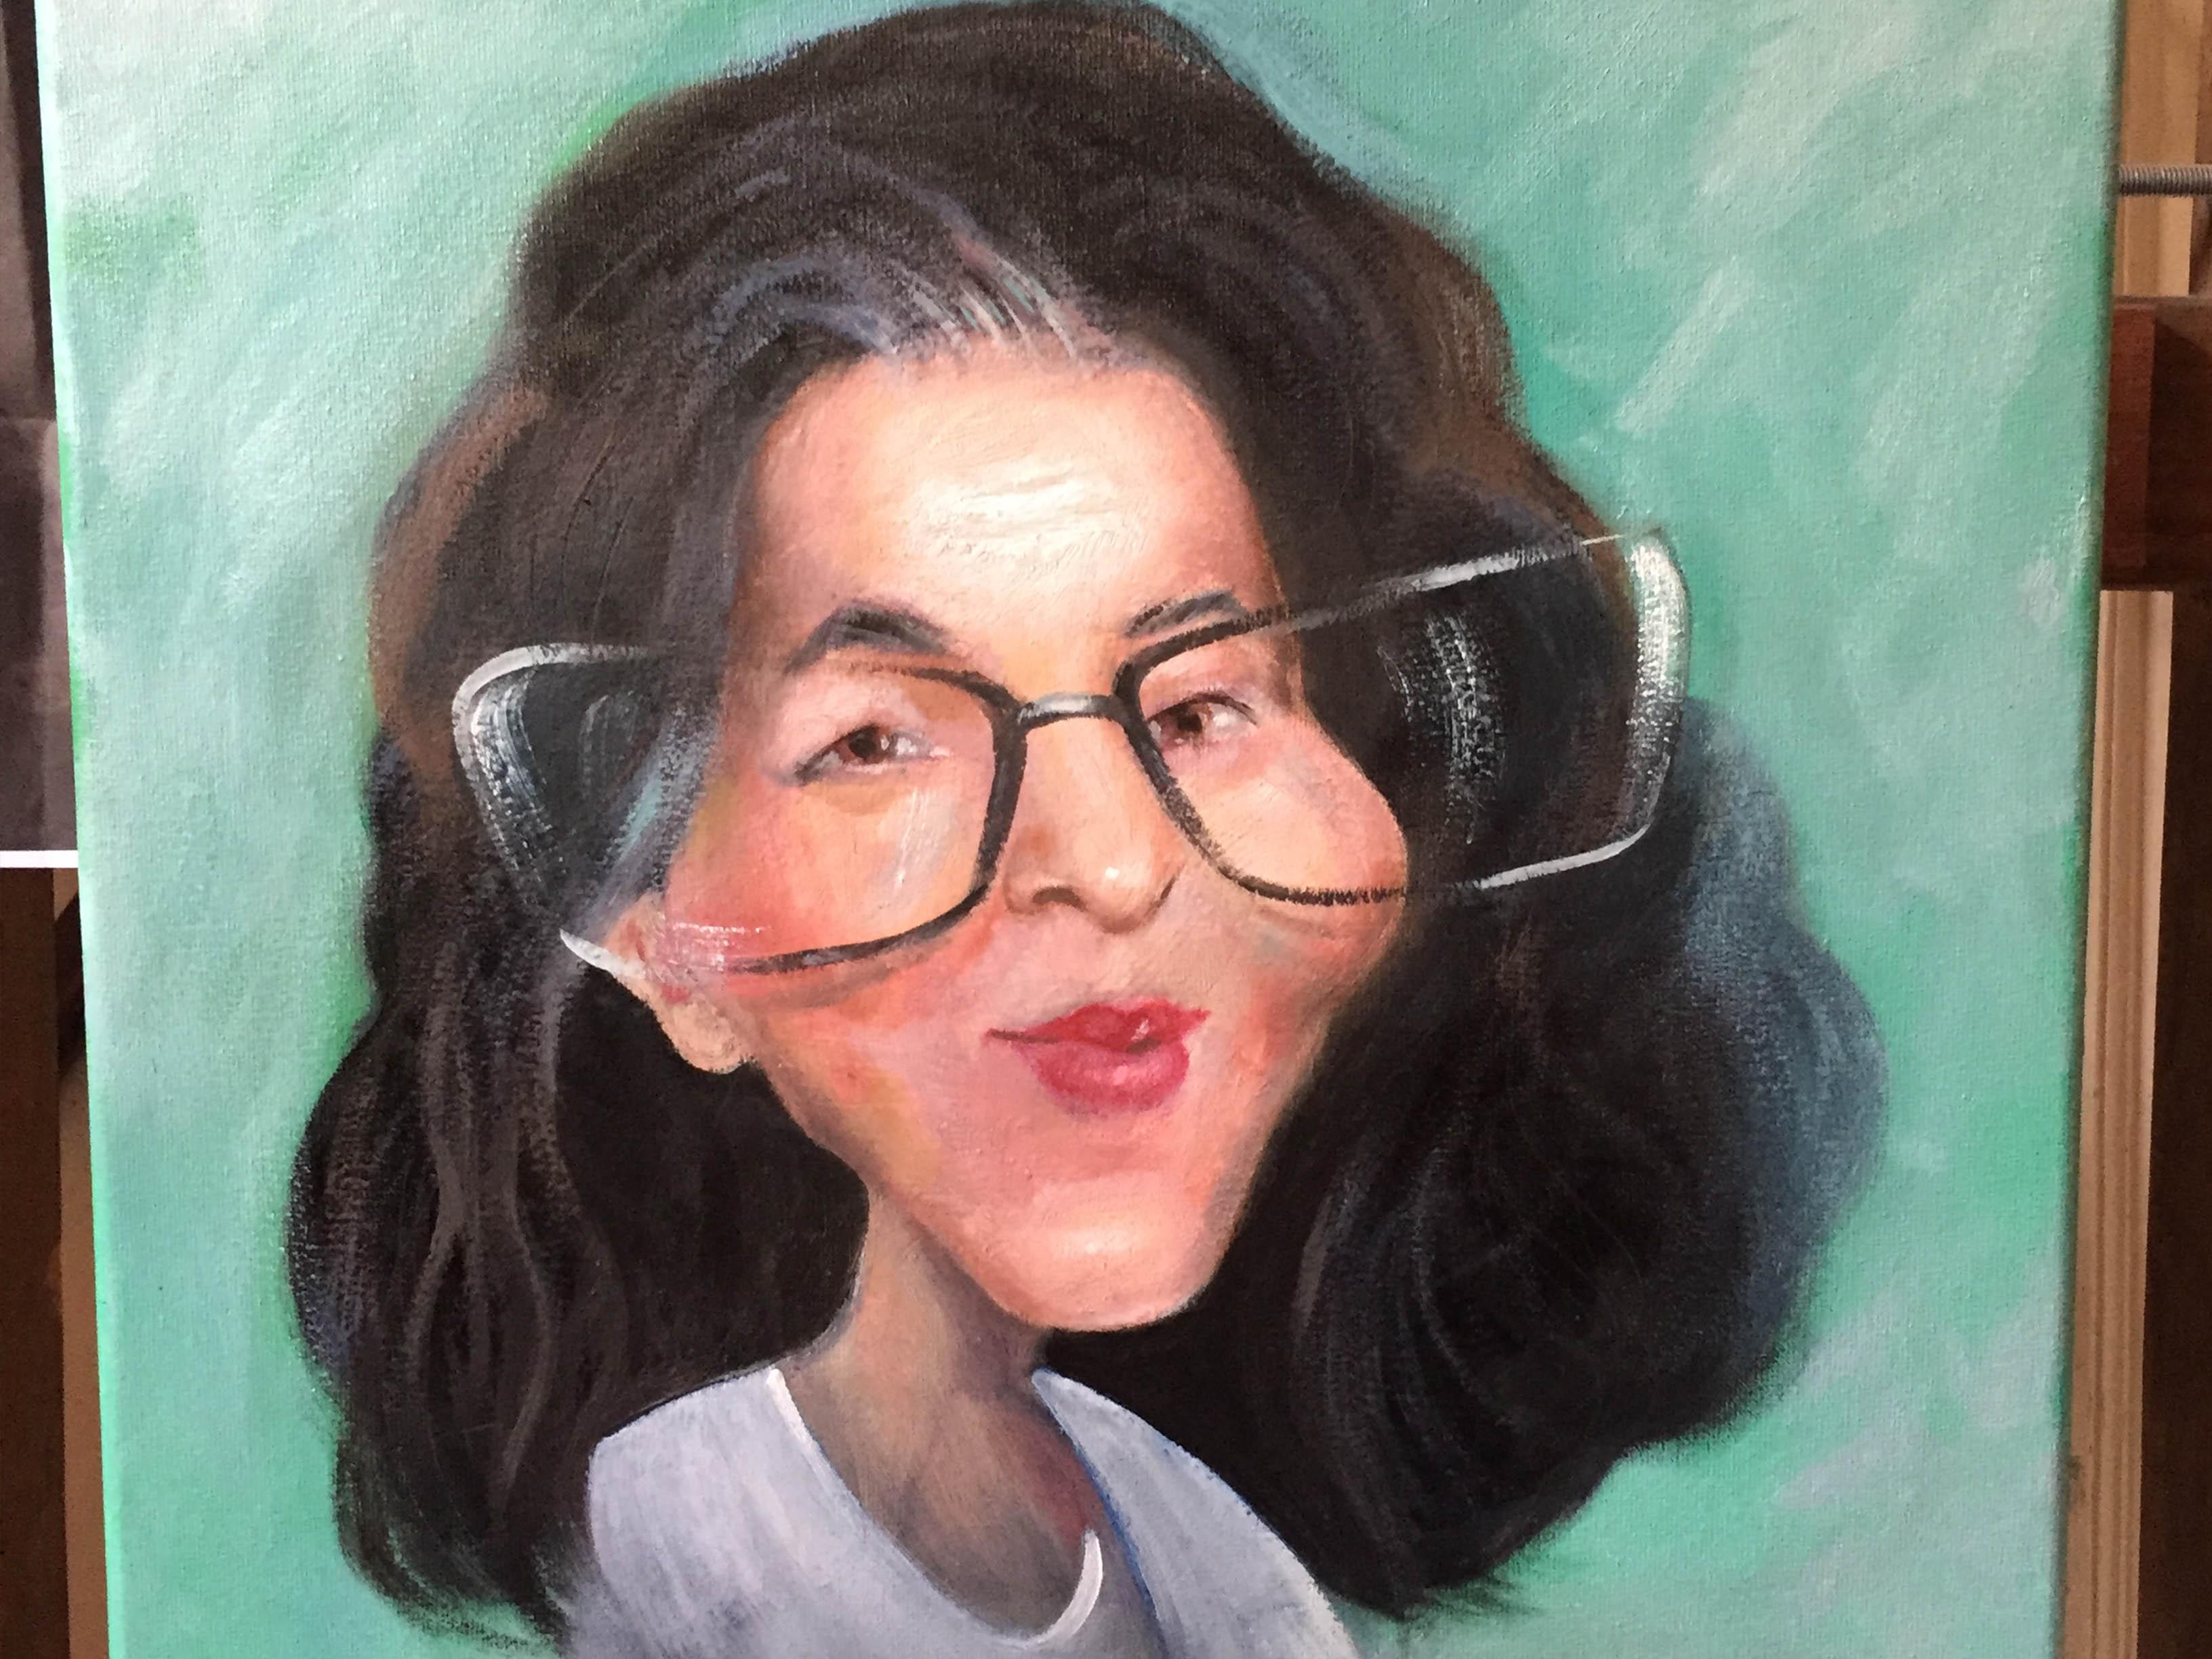 Caricature sur toile. Peinture à l'huile. Caricature à l'huile d'une femme en lunettes avec des cheveux noir et en boucle. Réalisation d'une caricature sur toile en couleur